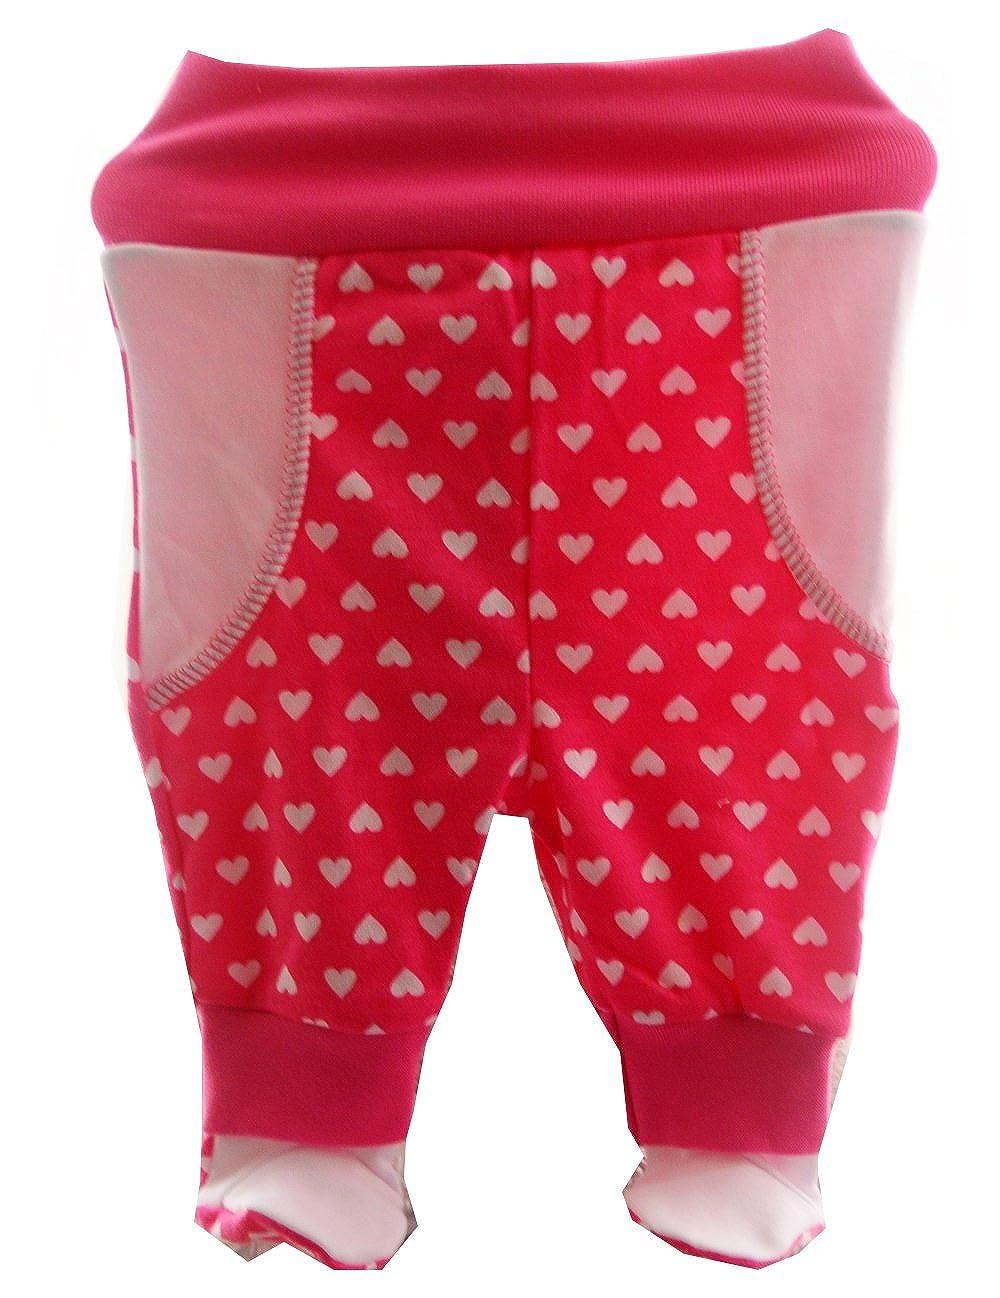 Jacke leichtes Baby Jackchen 56 62 68 74 80 Frühjahr Sommer Pulli Sweatjacke Uni